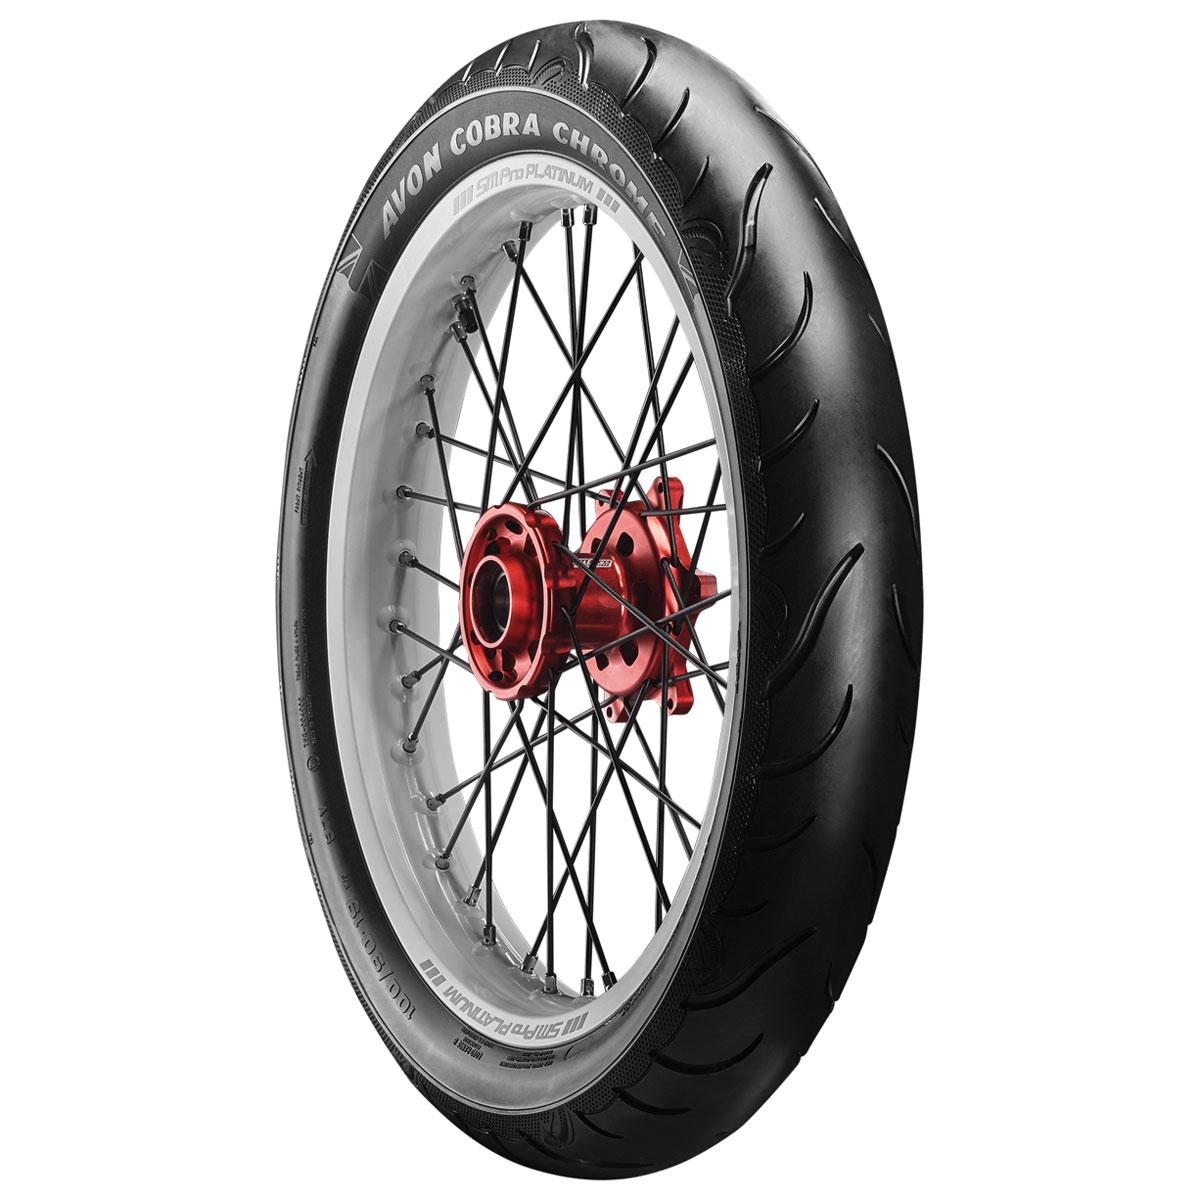 Avon AV91 Cobra Chrome MT90B16 Front Trike Tire